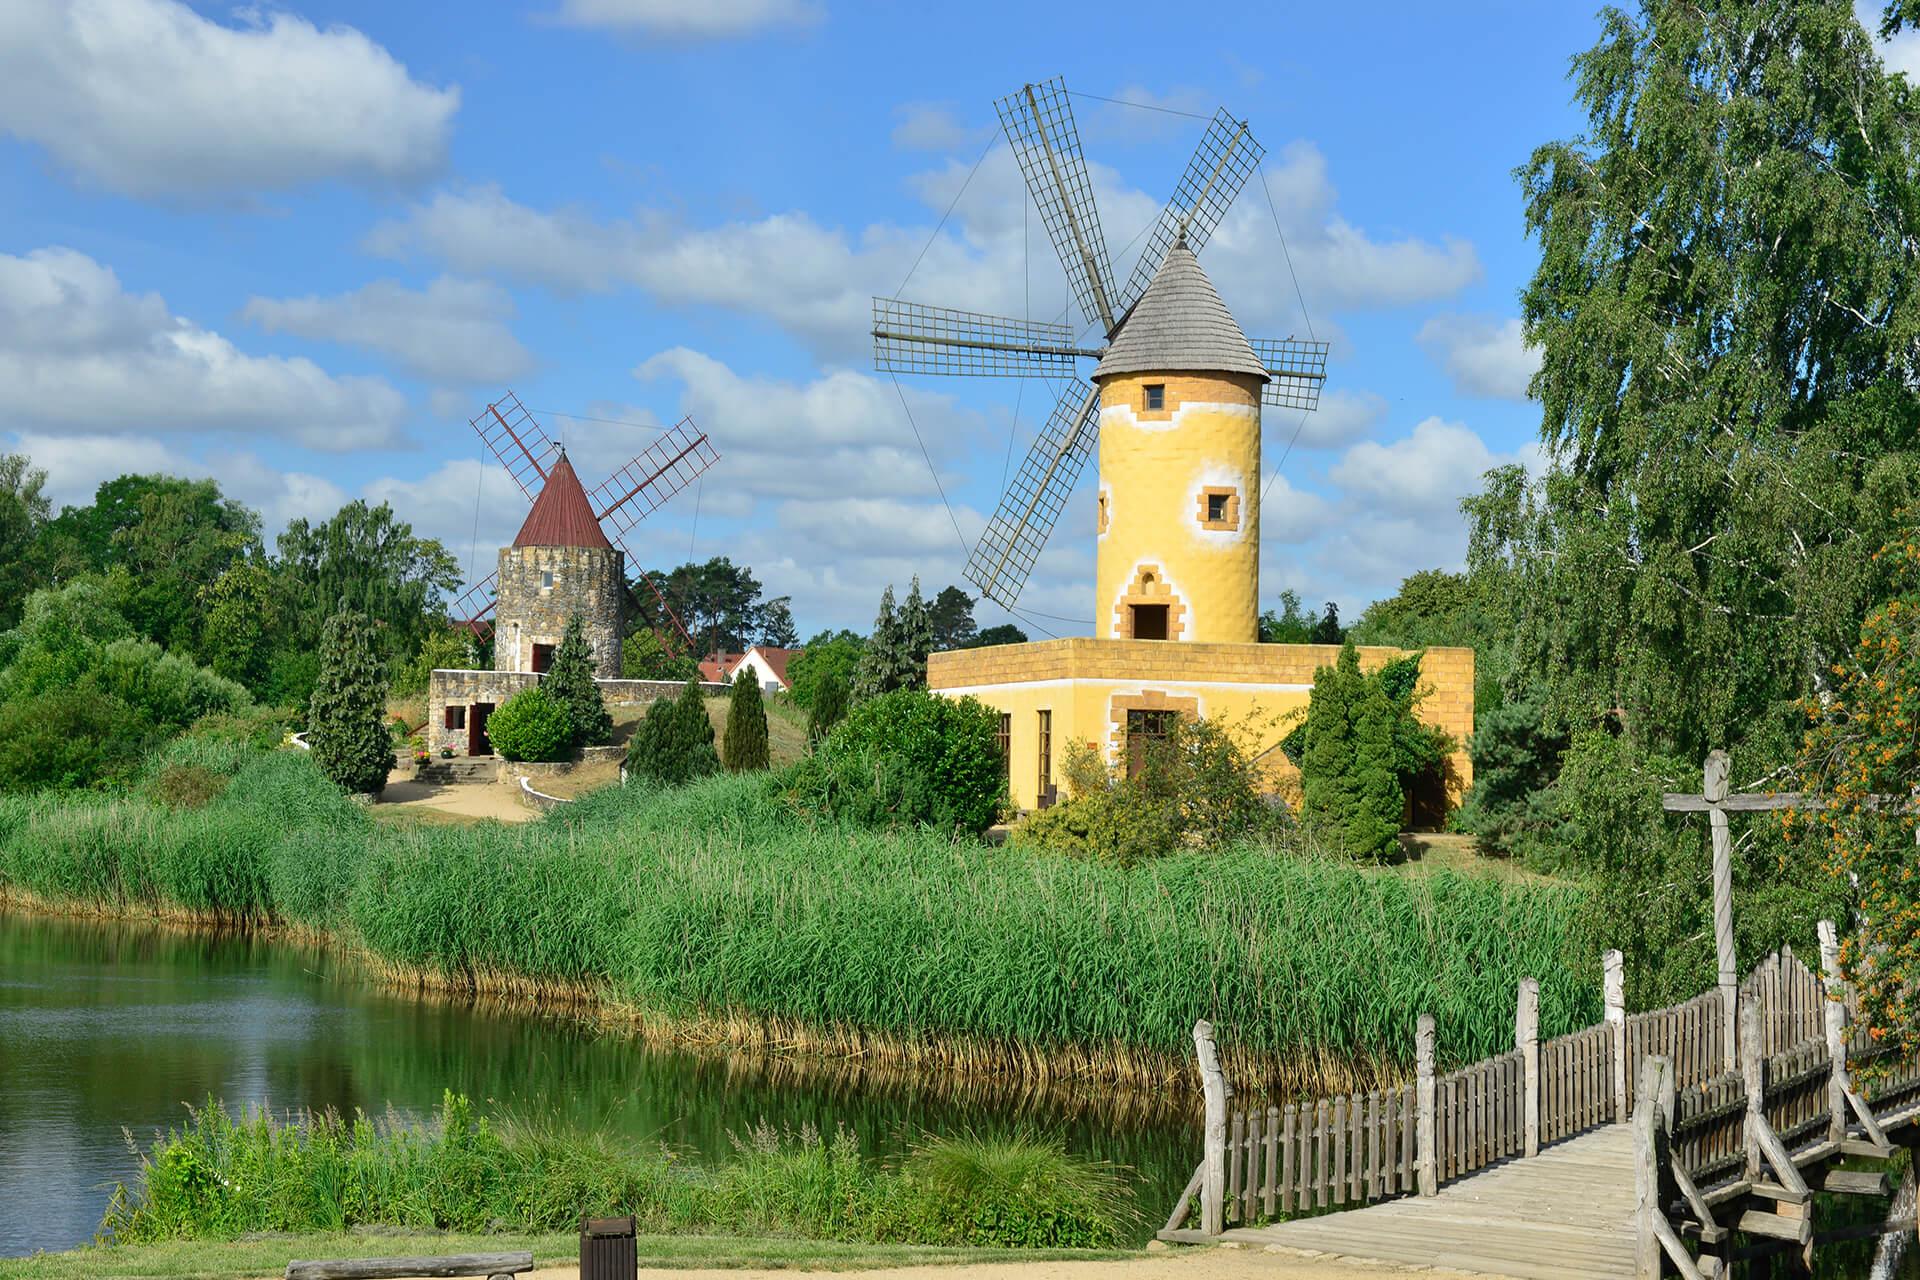 Französische und mallorquinische Mühlen im Internationalen Mühlenmuseum Gifhorn